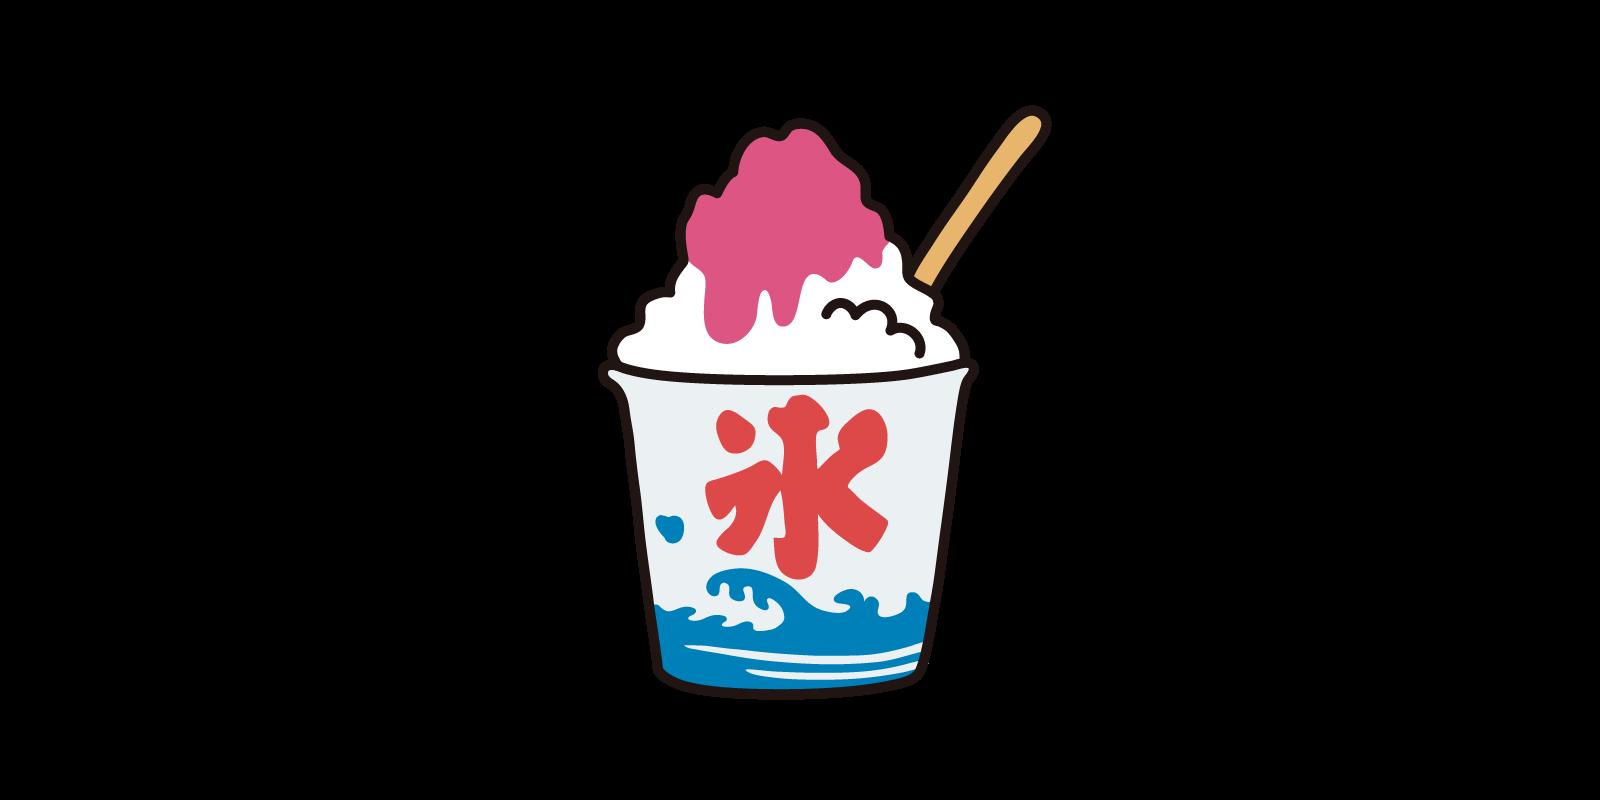 かき氷(いちご)